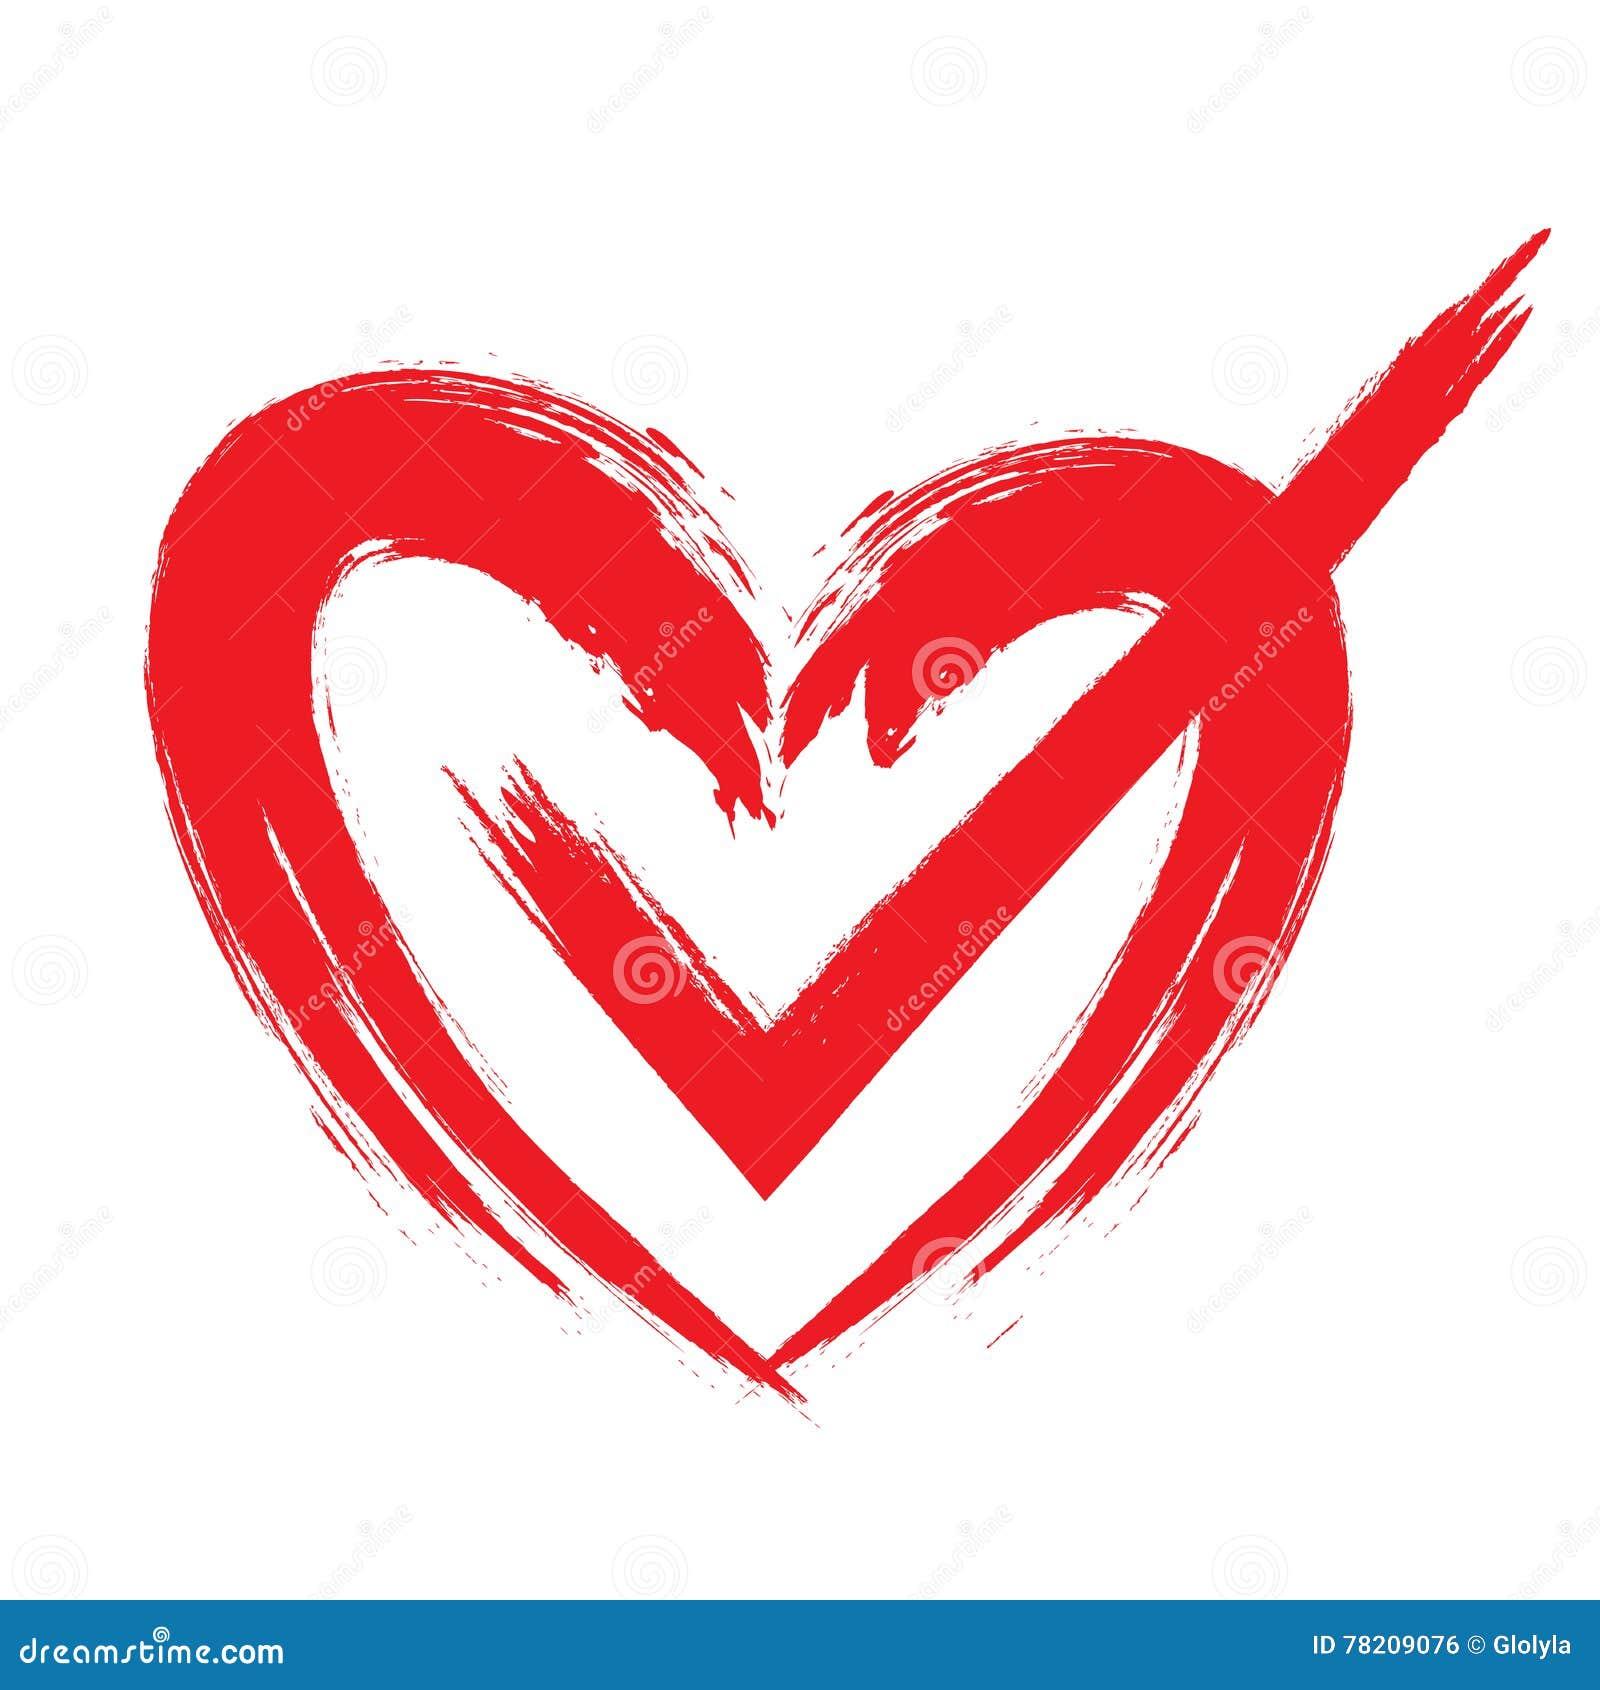 Check Mark In Heart Stock Vector Illustration Of Brush 78209076